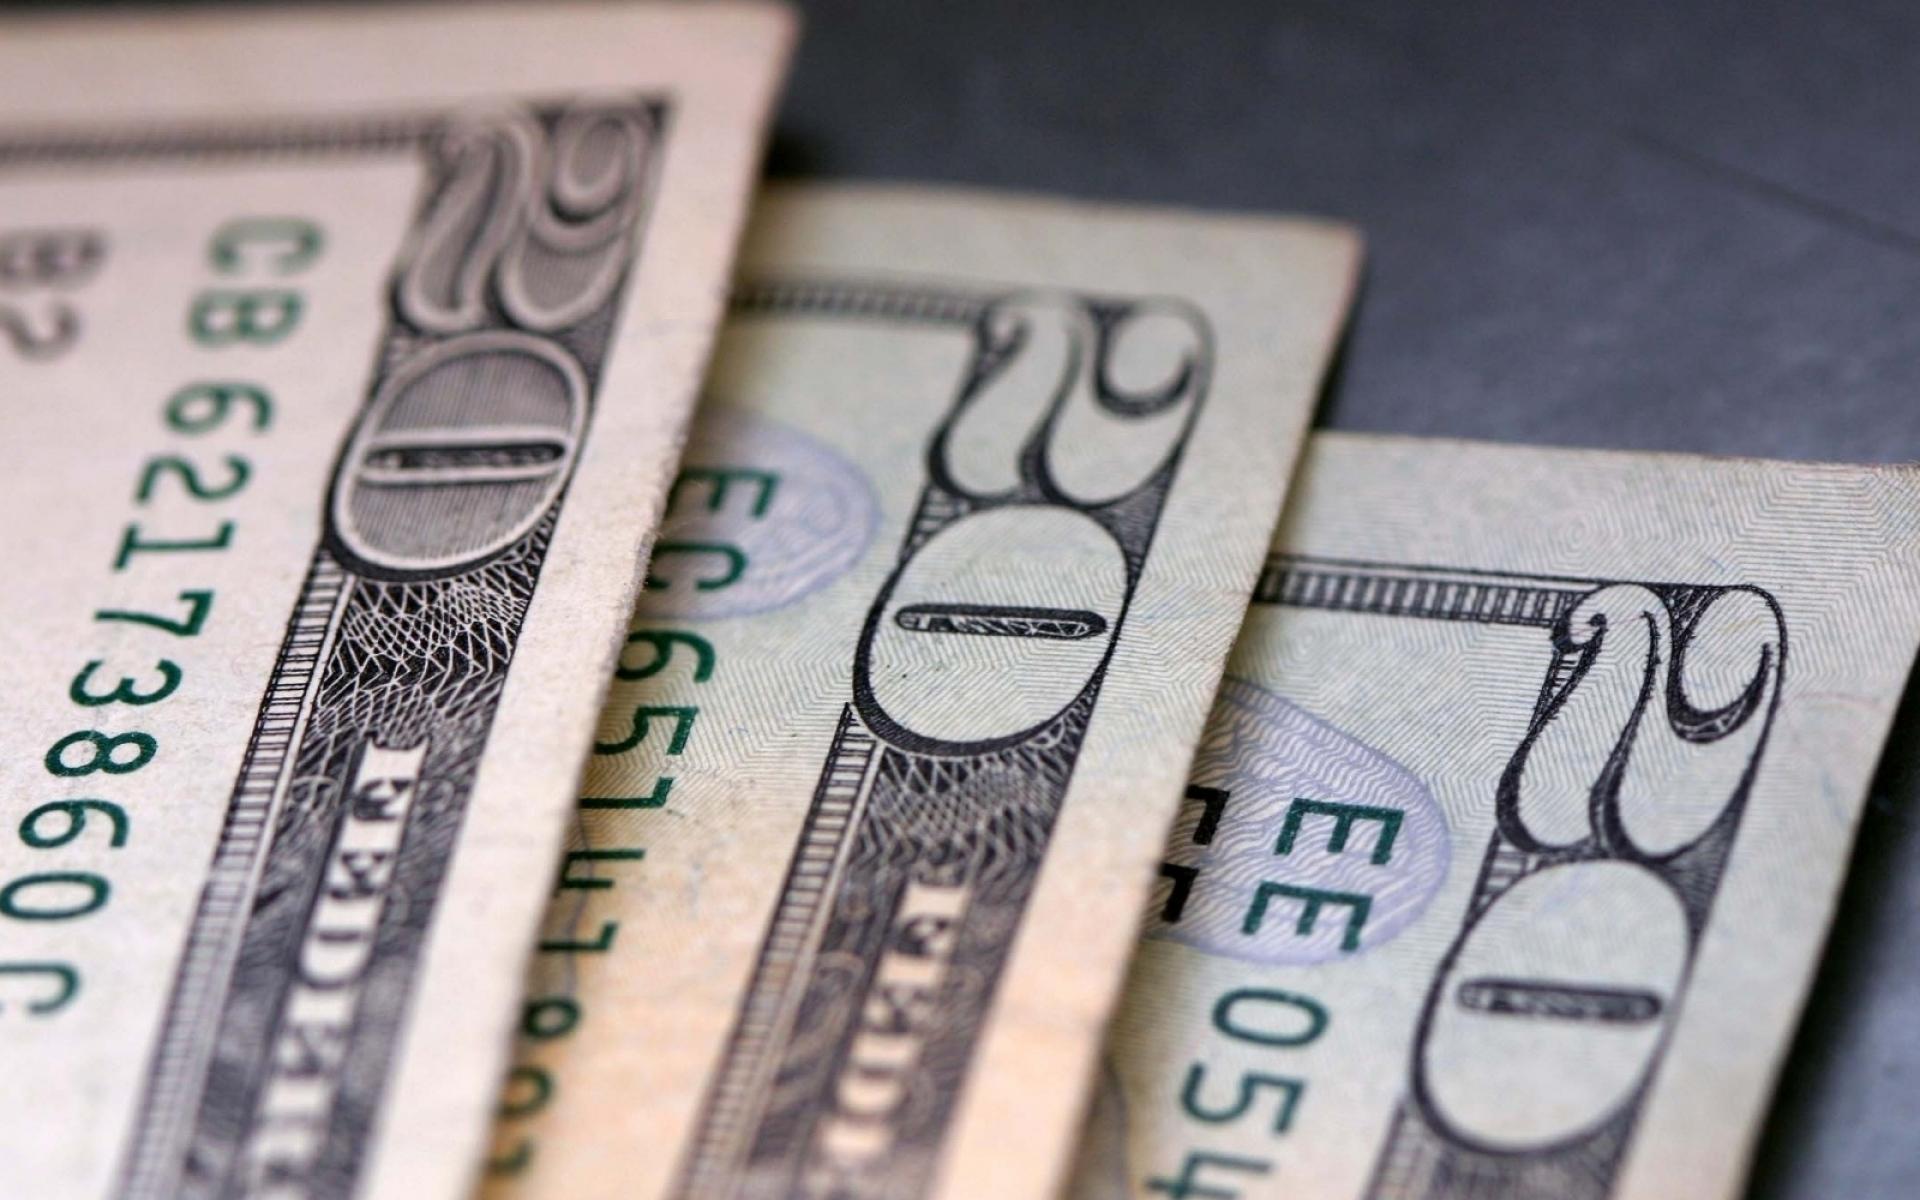 Картинки Доллары, банкноты, двадцать, бумага, деньги фото и обои на рабочий стол